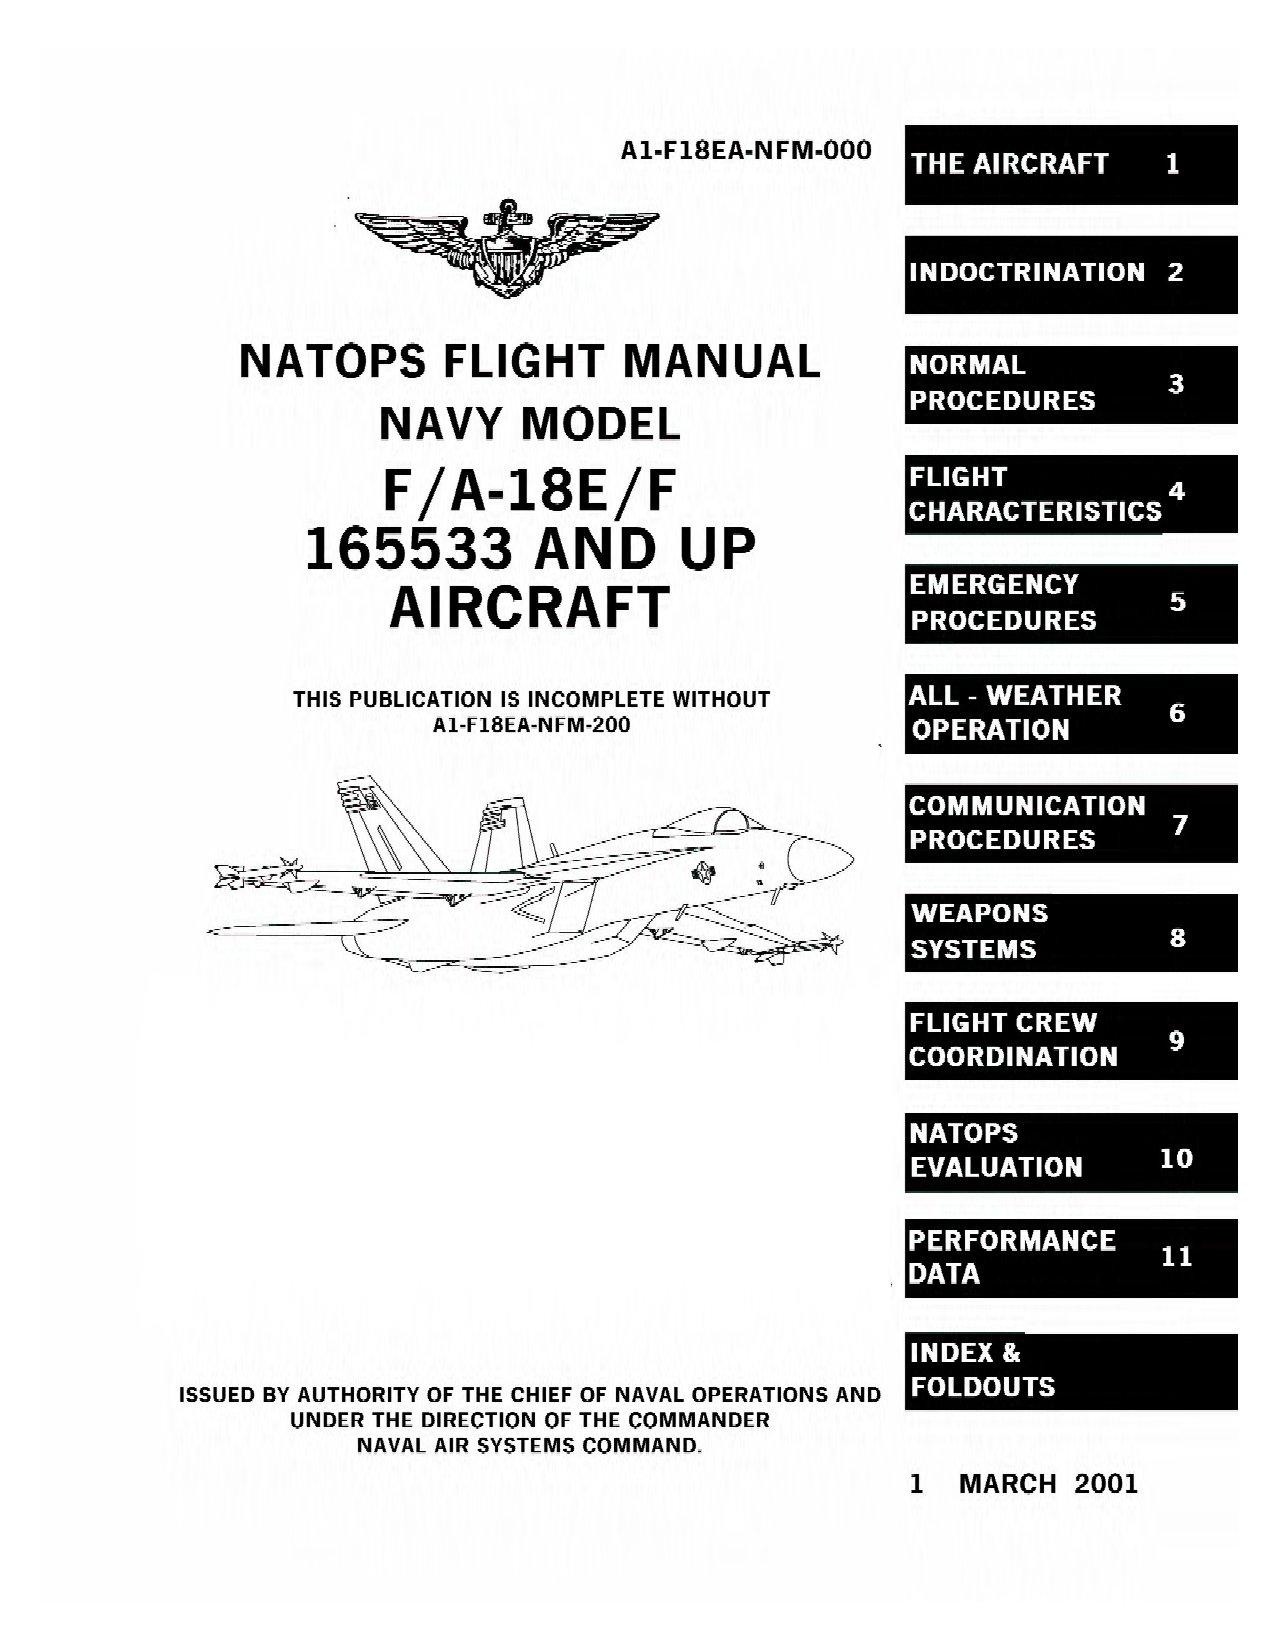 Flight manual navy model F/A-18E/F / Инструкция по летной эксплуатации самолета F/A-18E/F